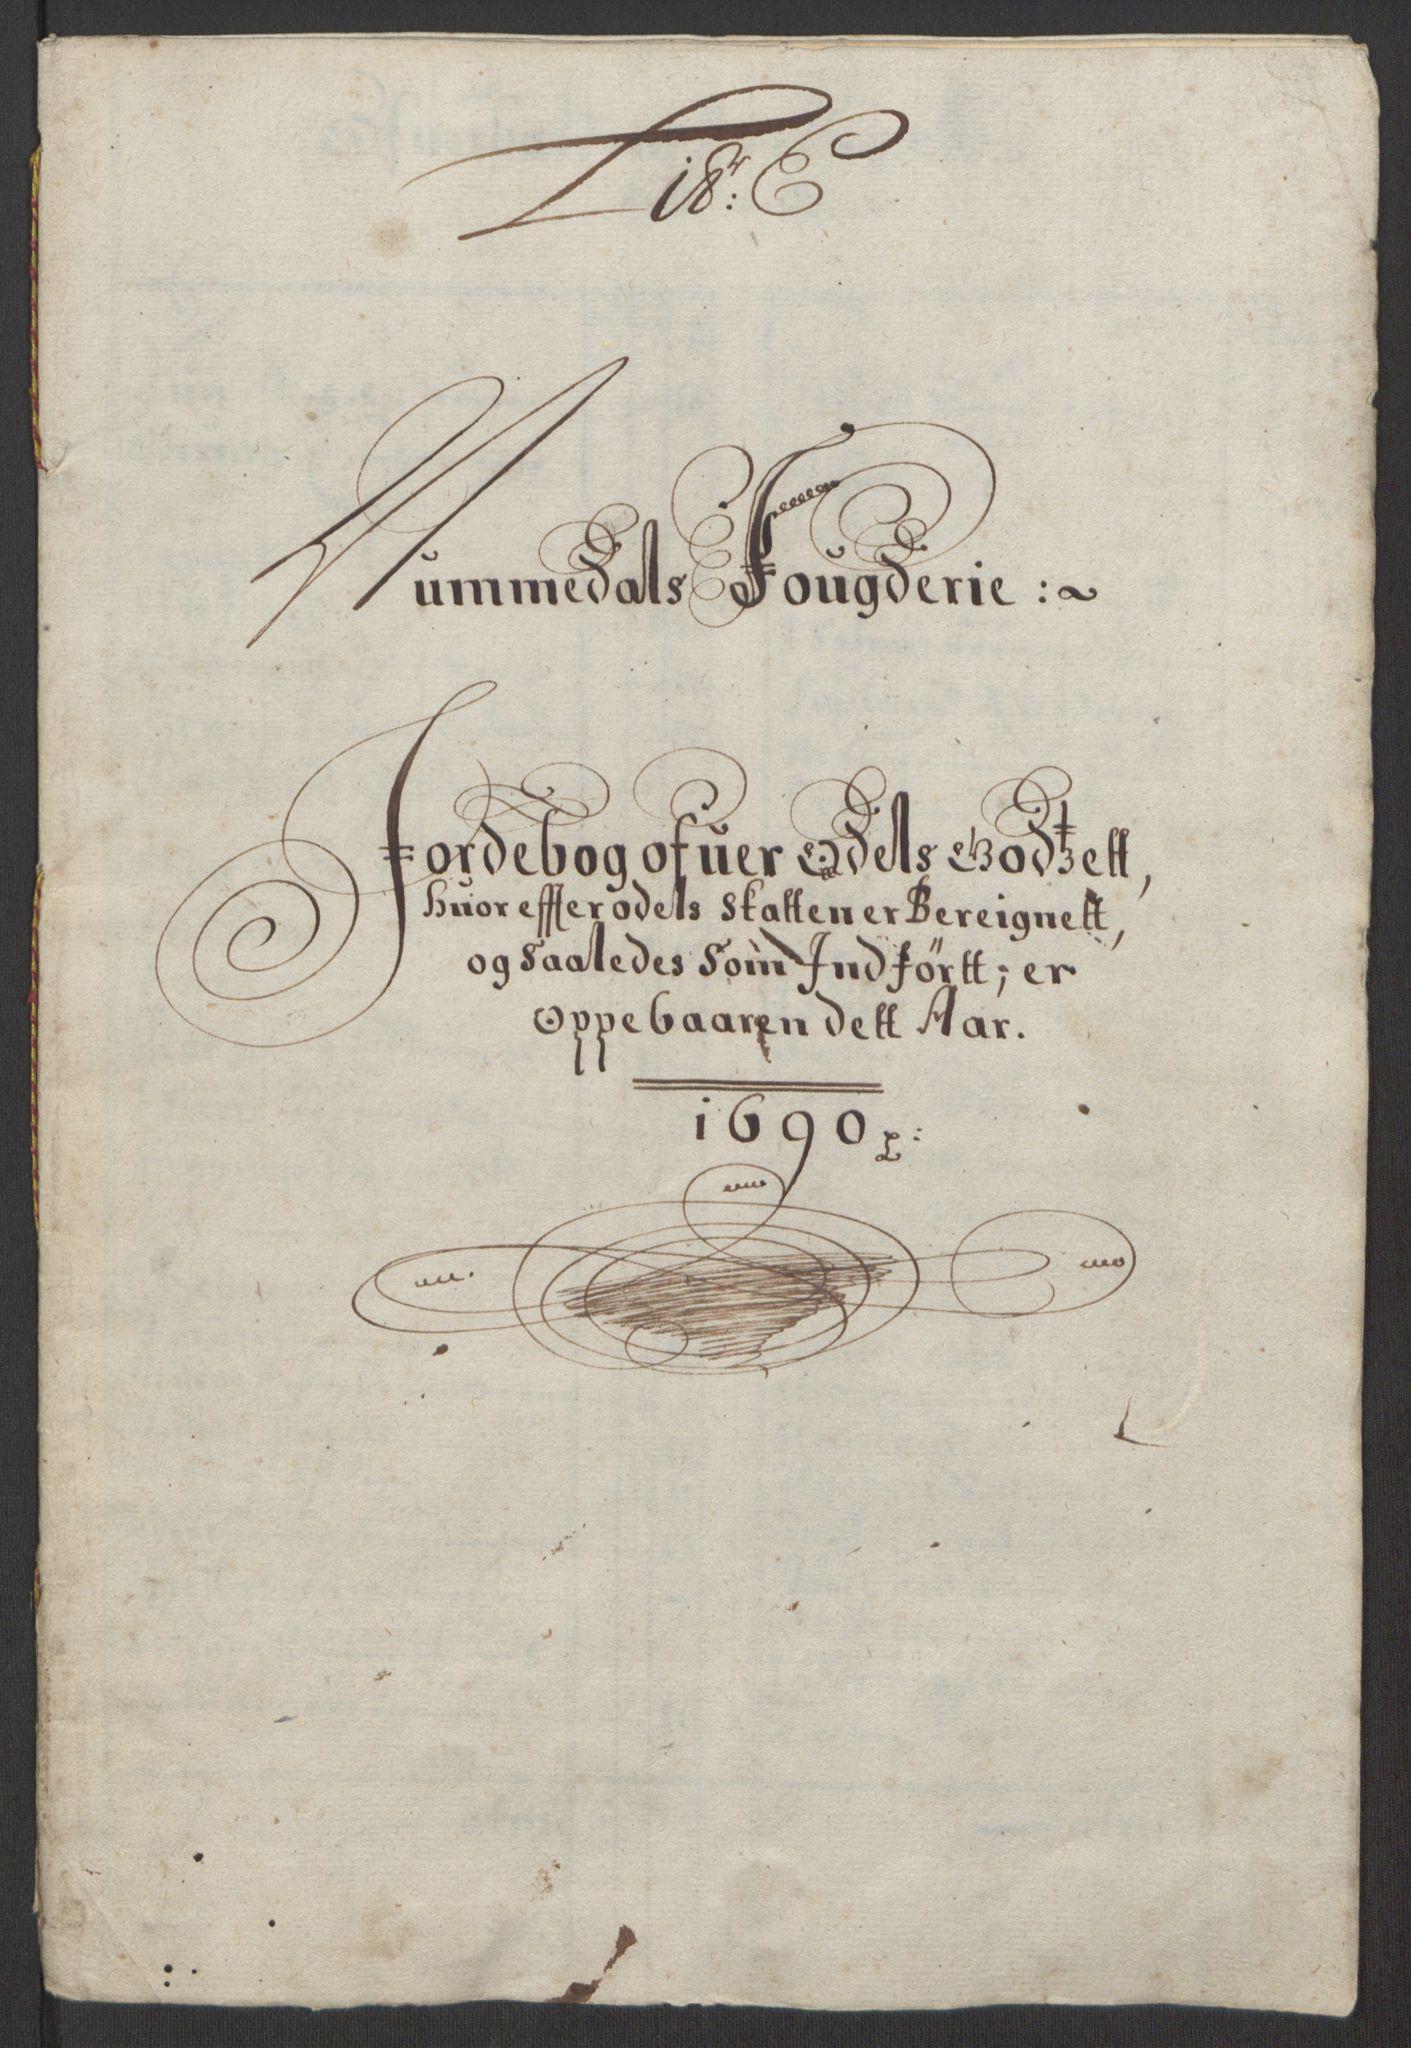 RA, Rentekammeret inntil 1814, Reviderte regnskaper, Fogderegnskap, R64/L4423: Fogderegnskap Namdal, 1690-1691, s. 28